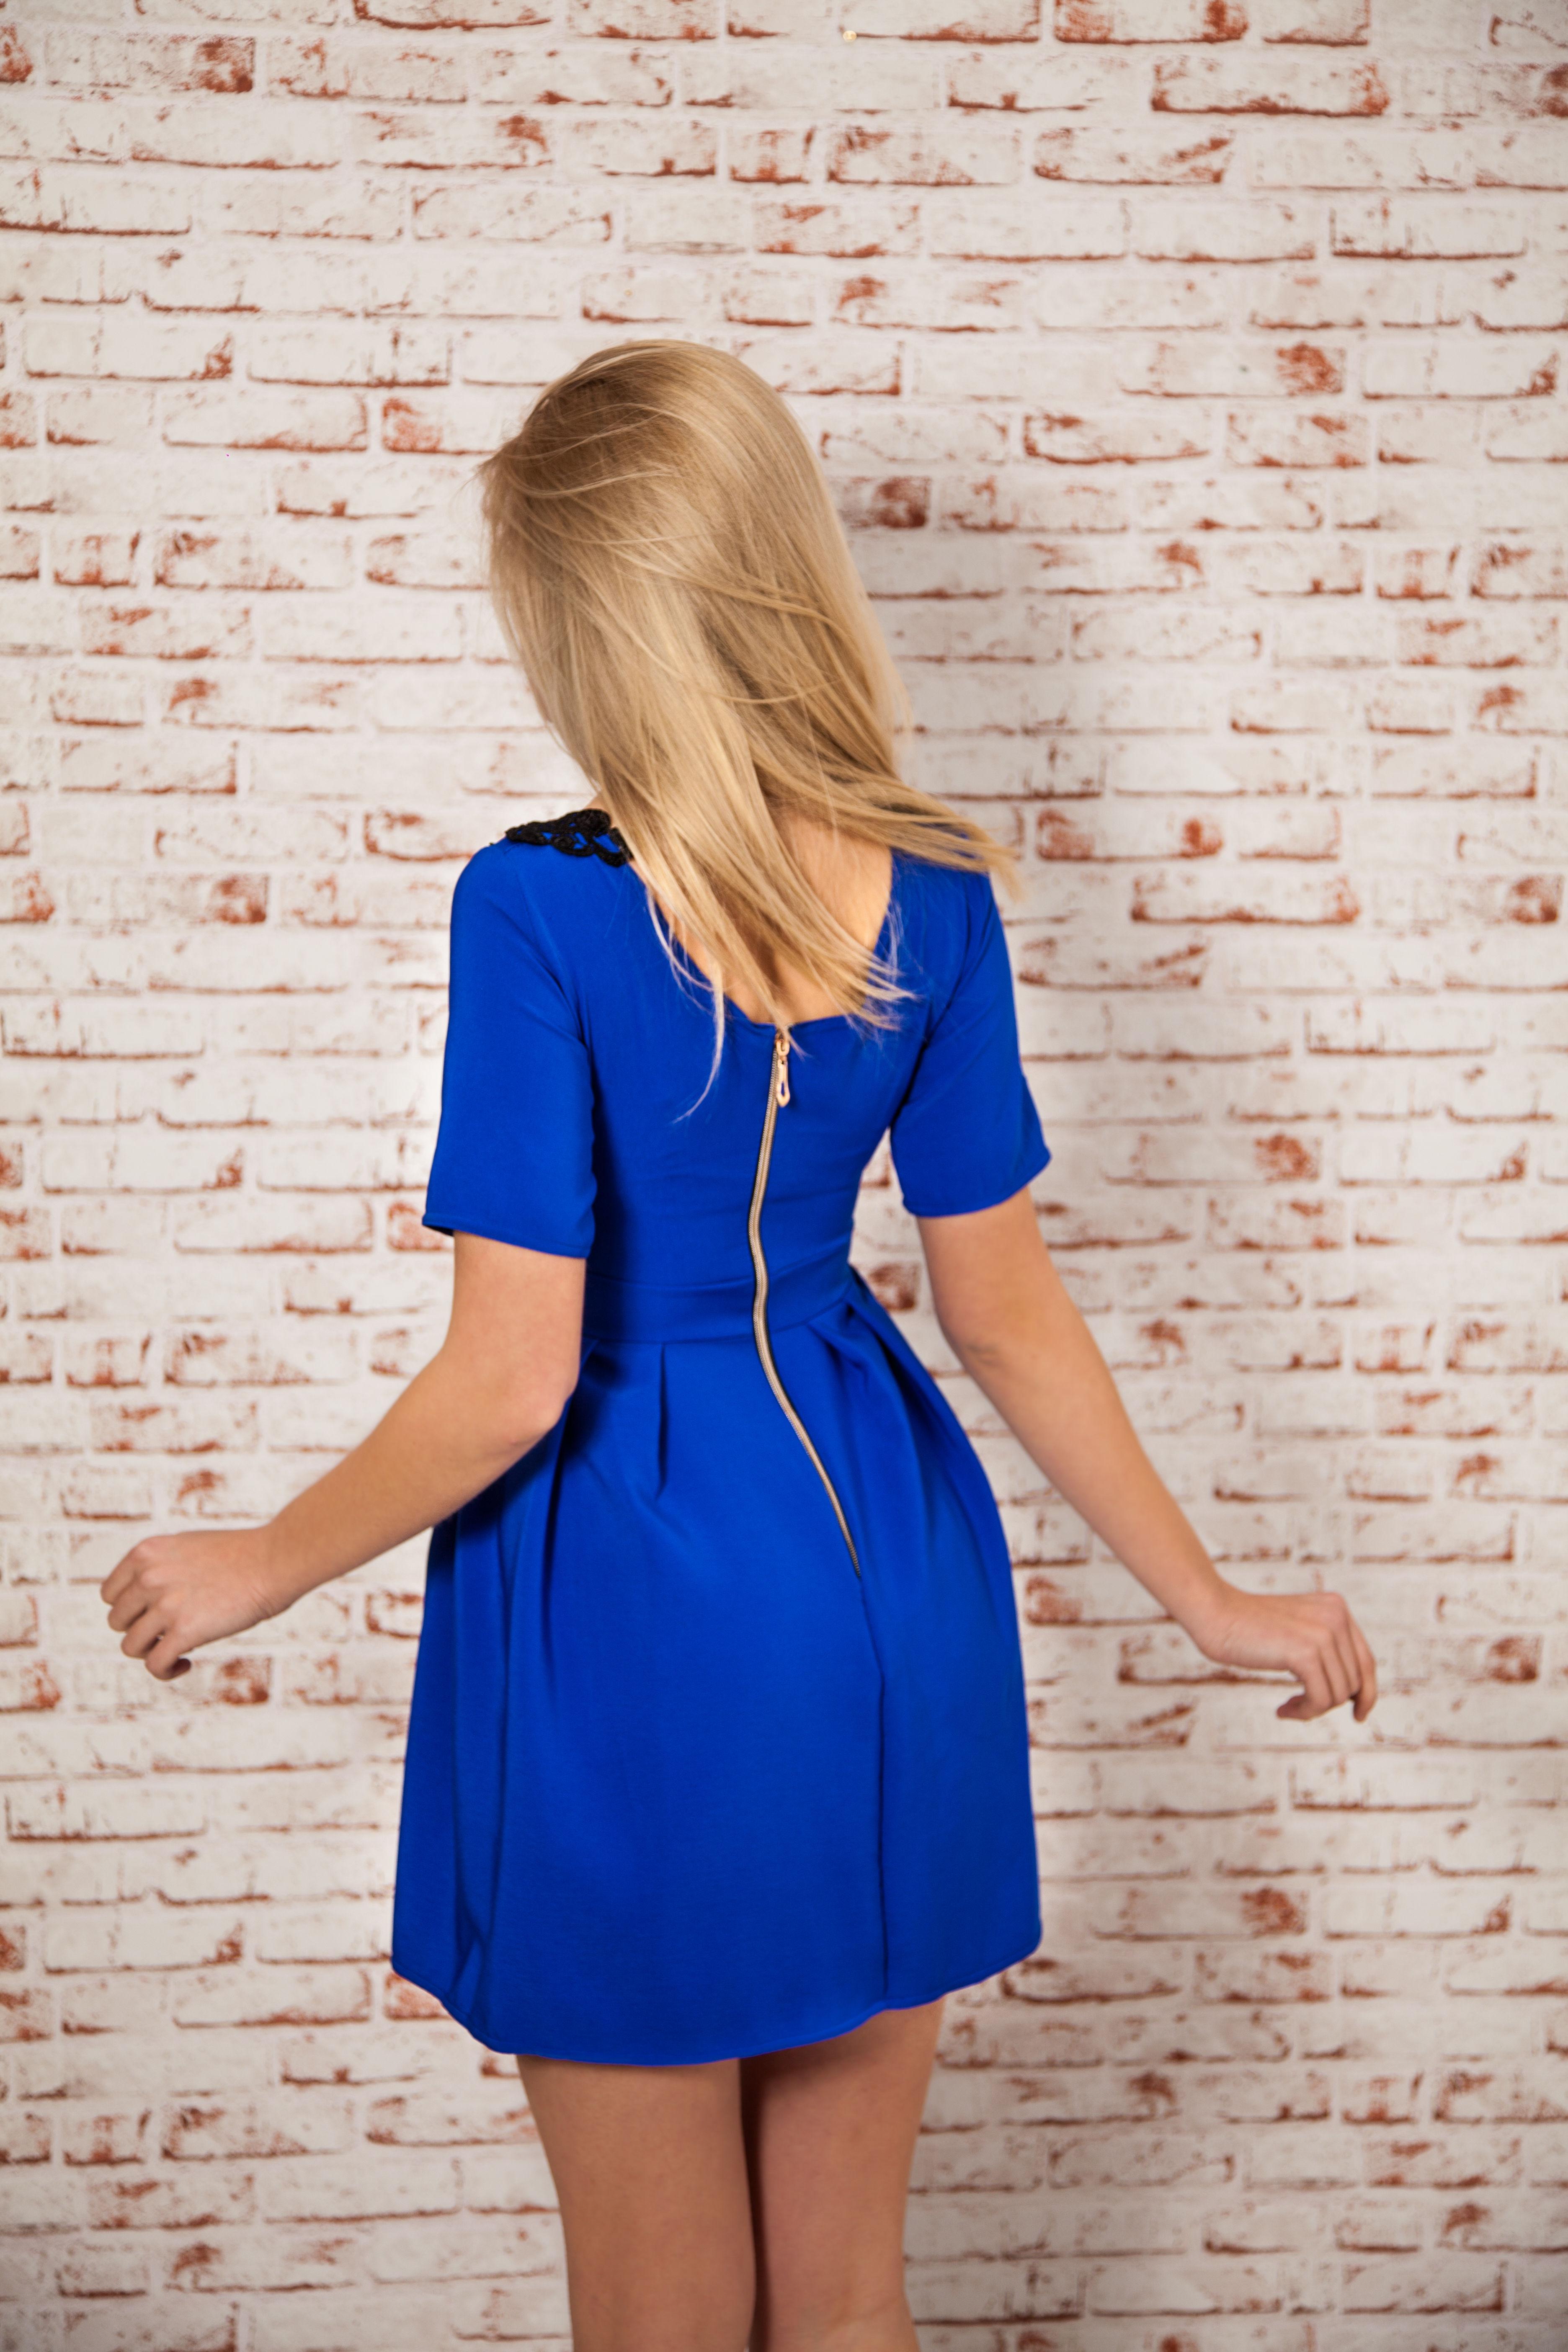 Цены на платья в кишиневе и цены